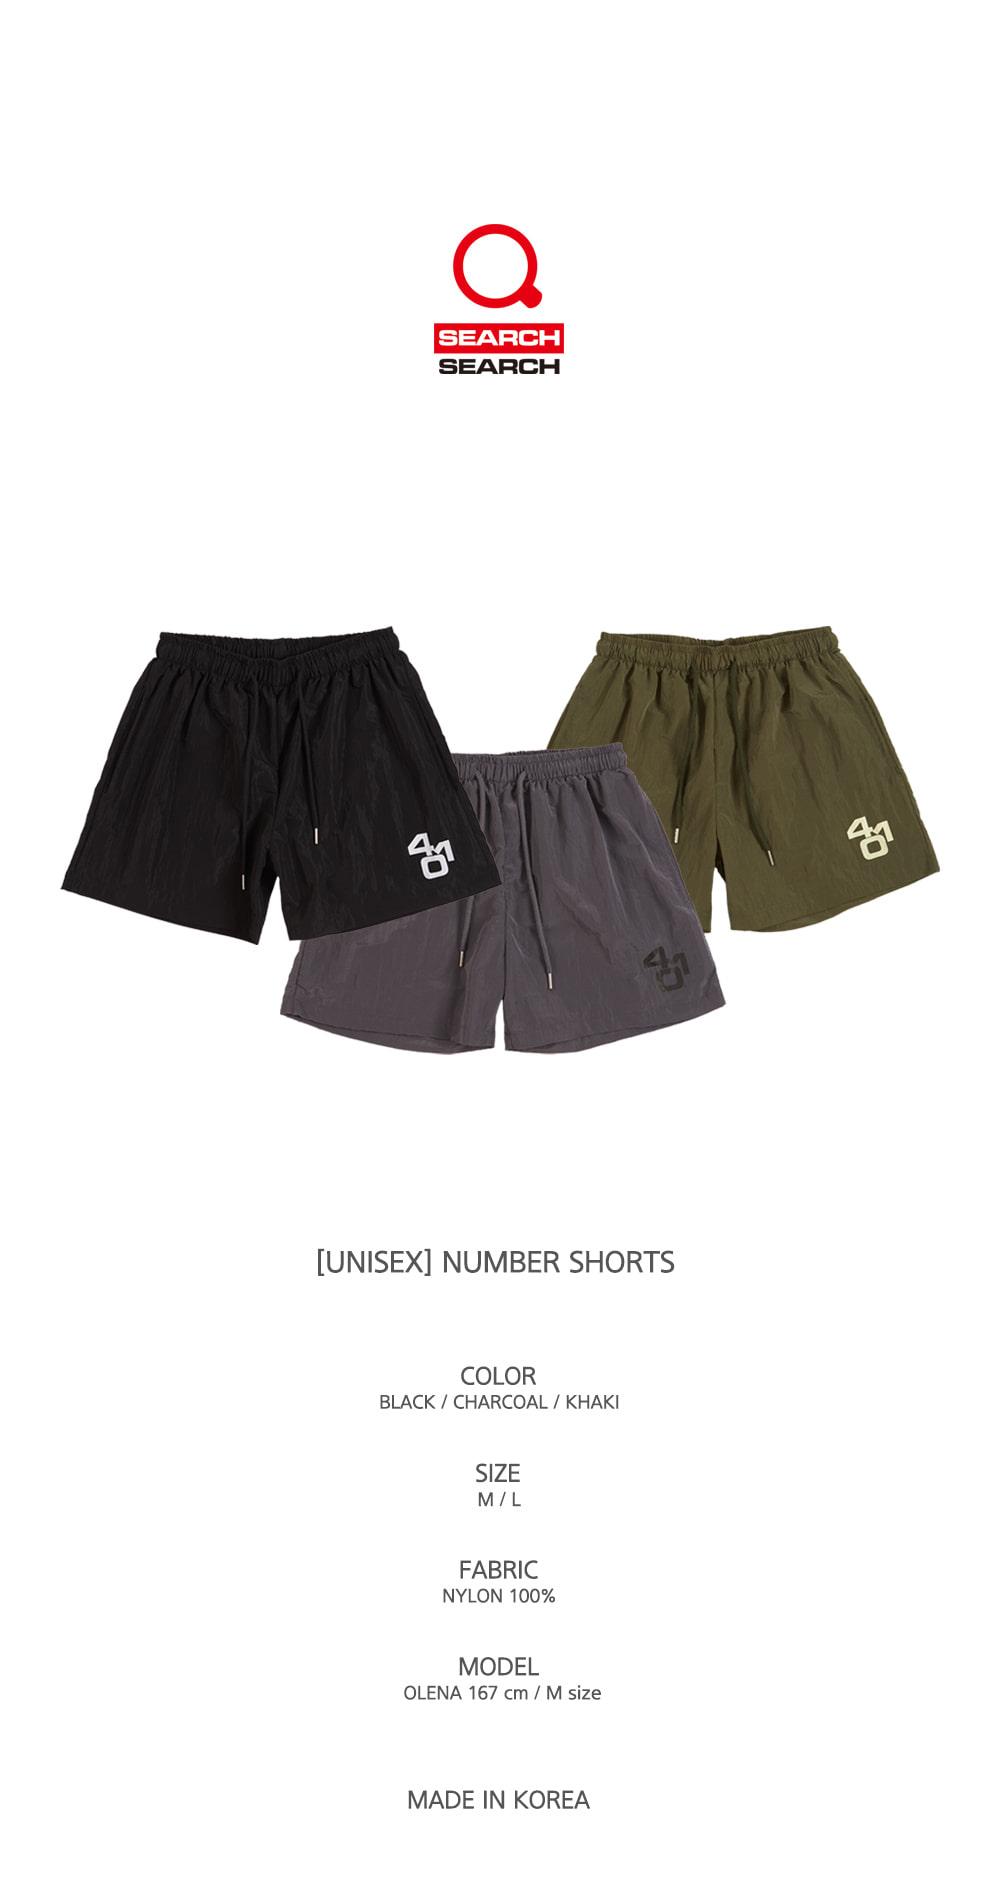 [UNISEX] NUMBER SHORTS_KHAKI